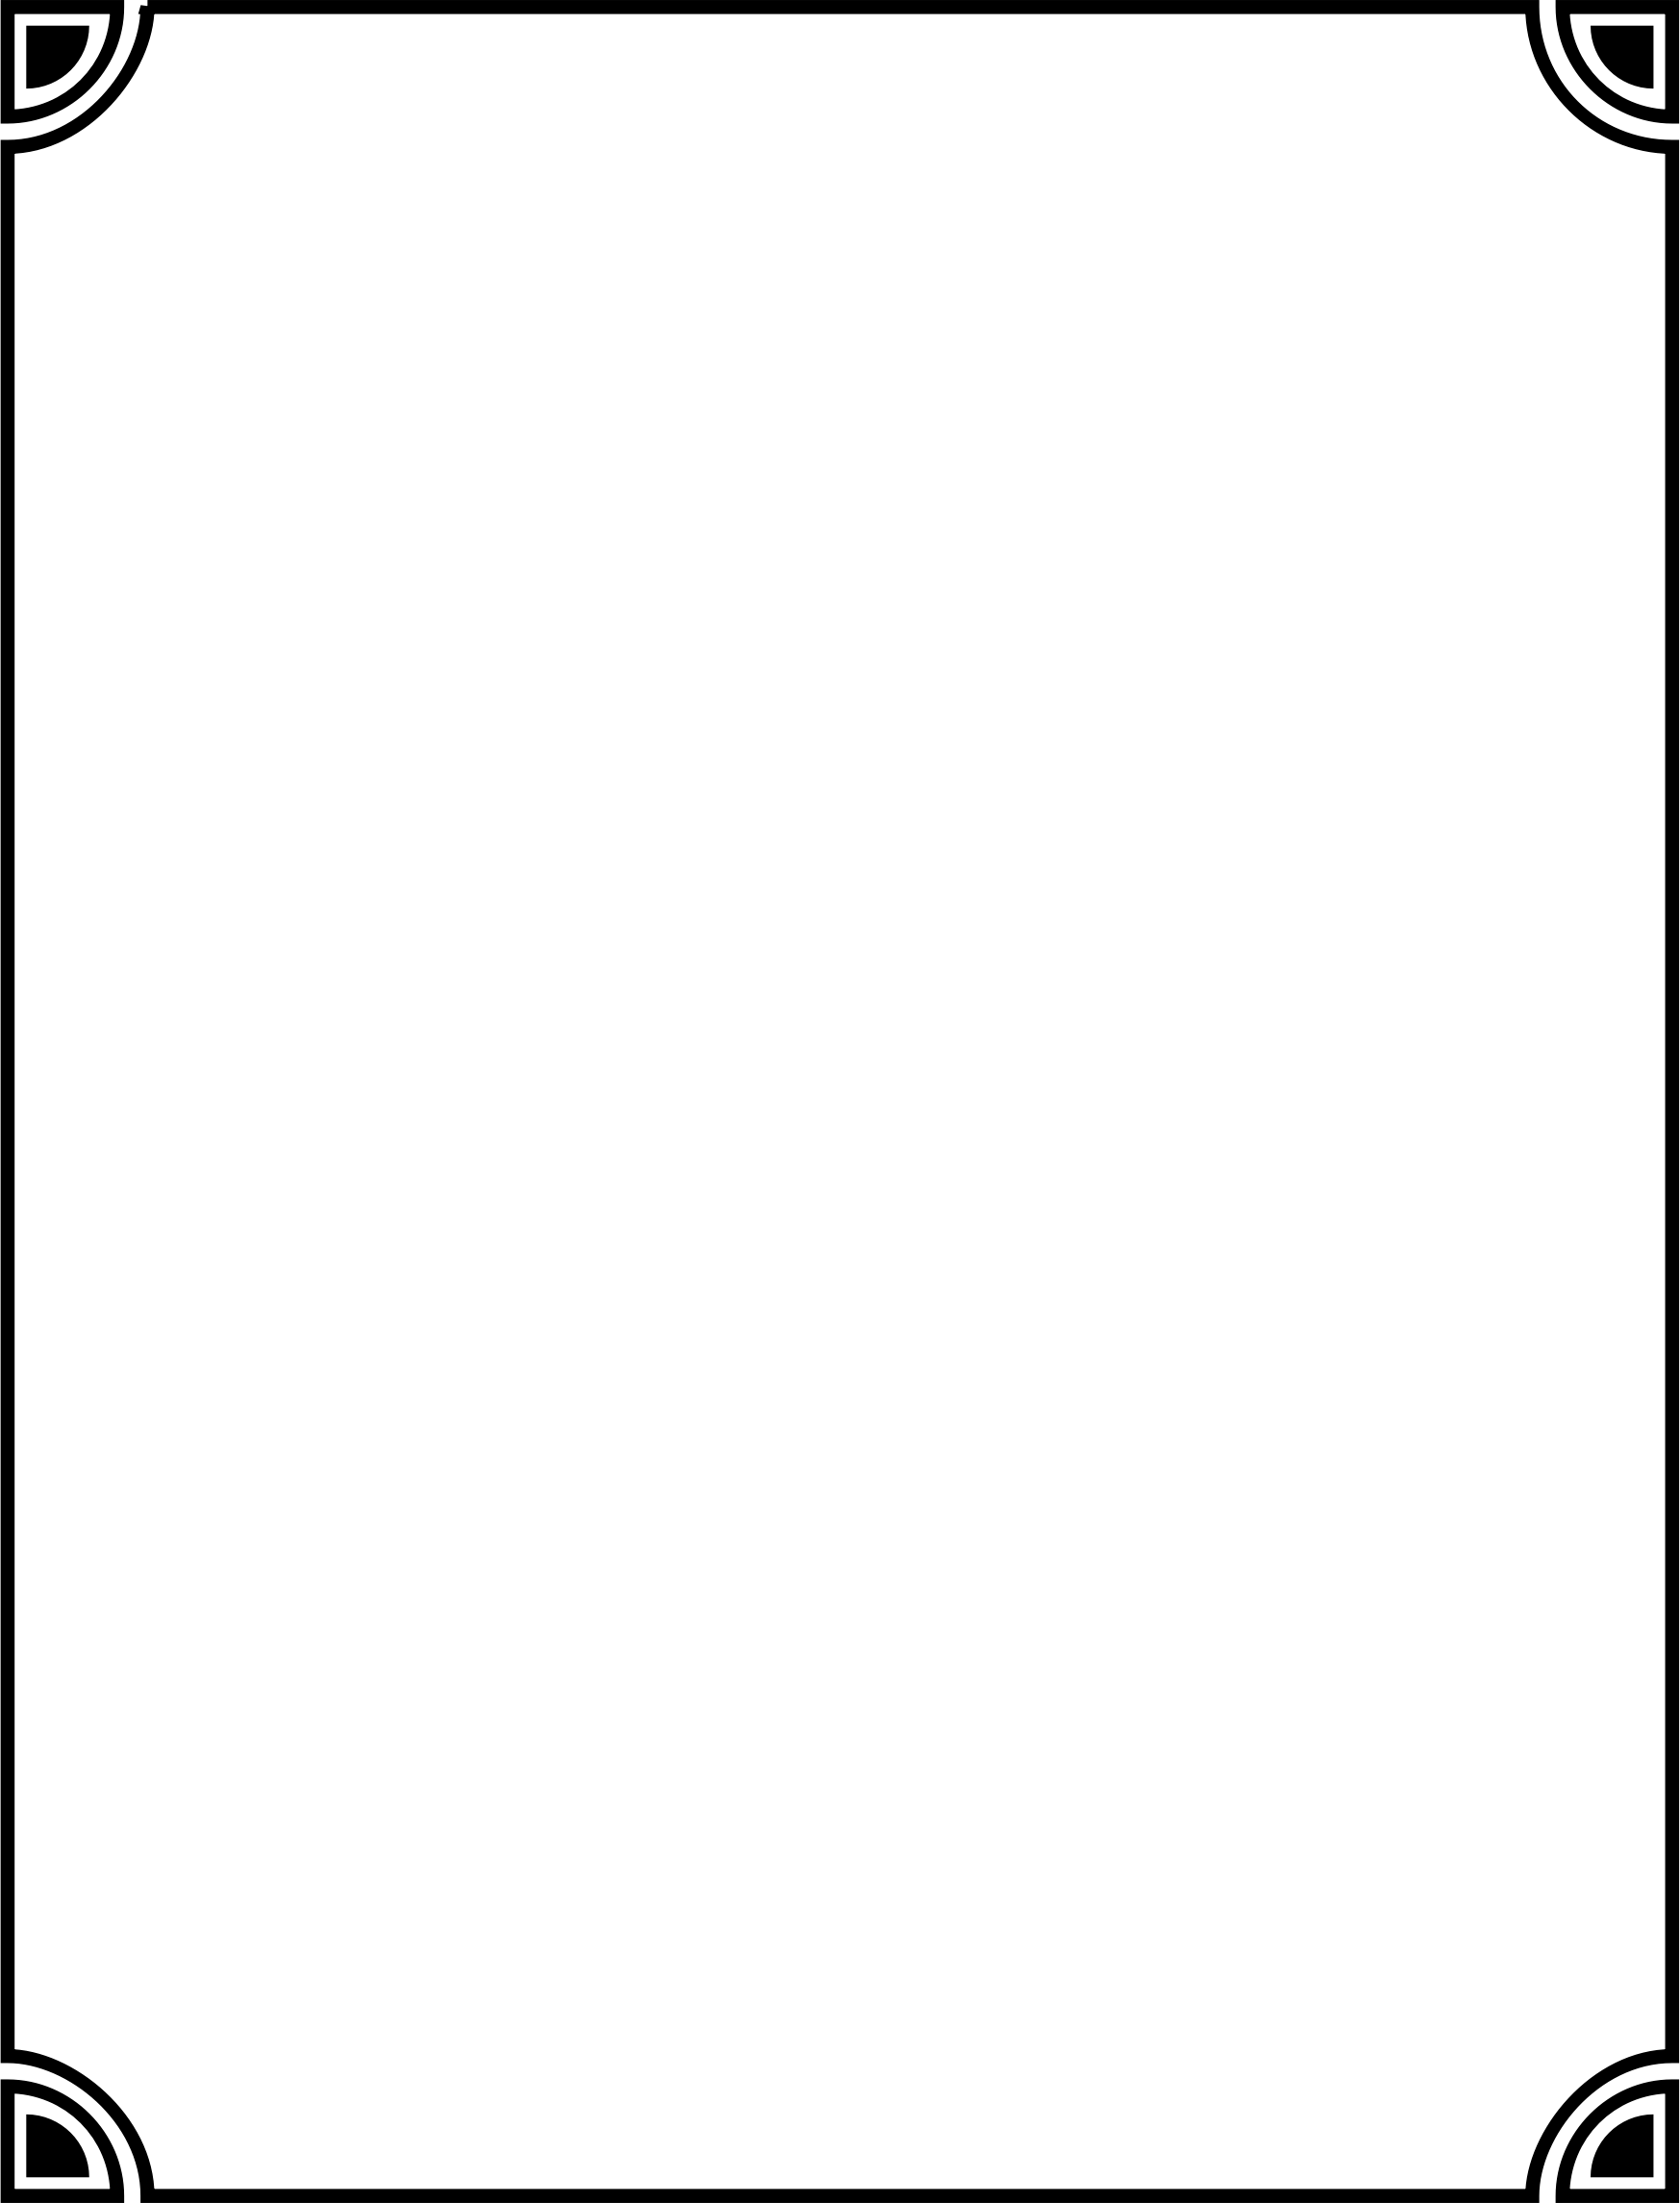 Black transparent background . Border png images